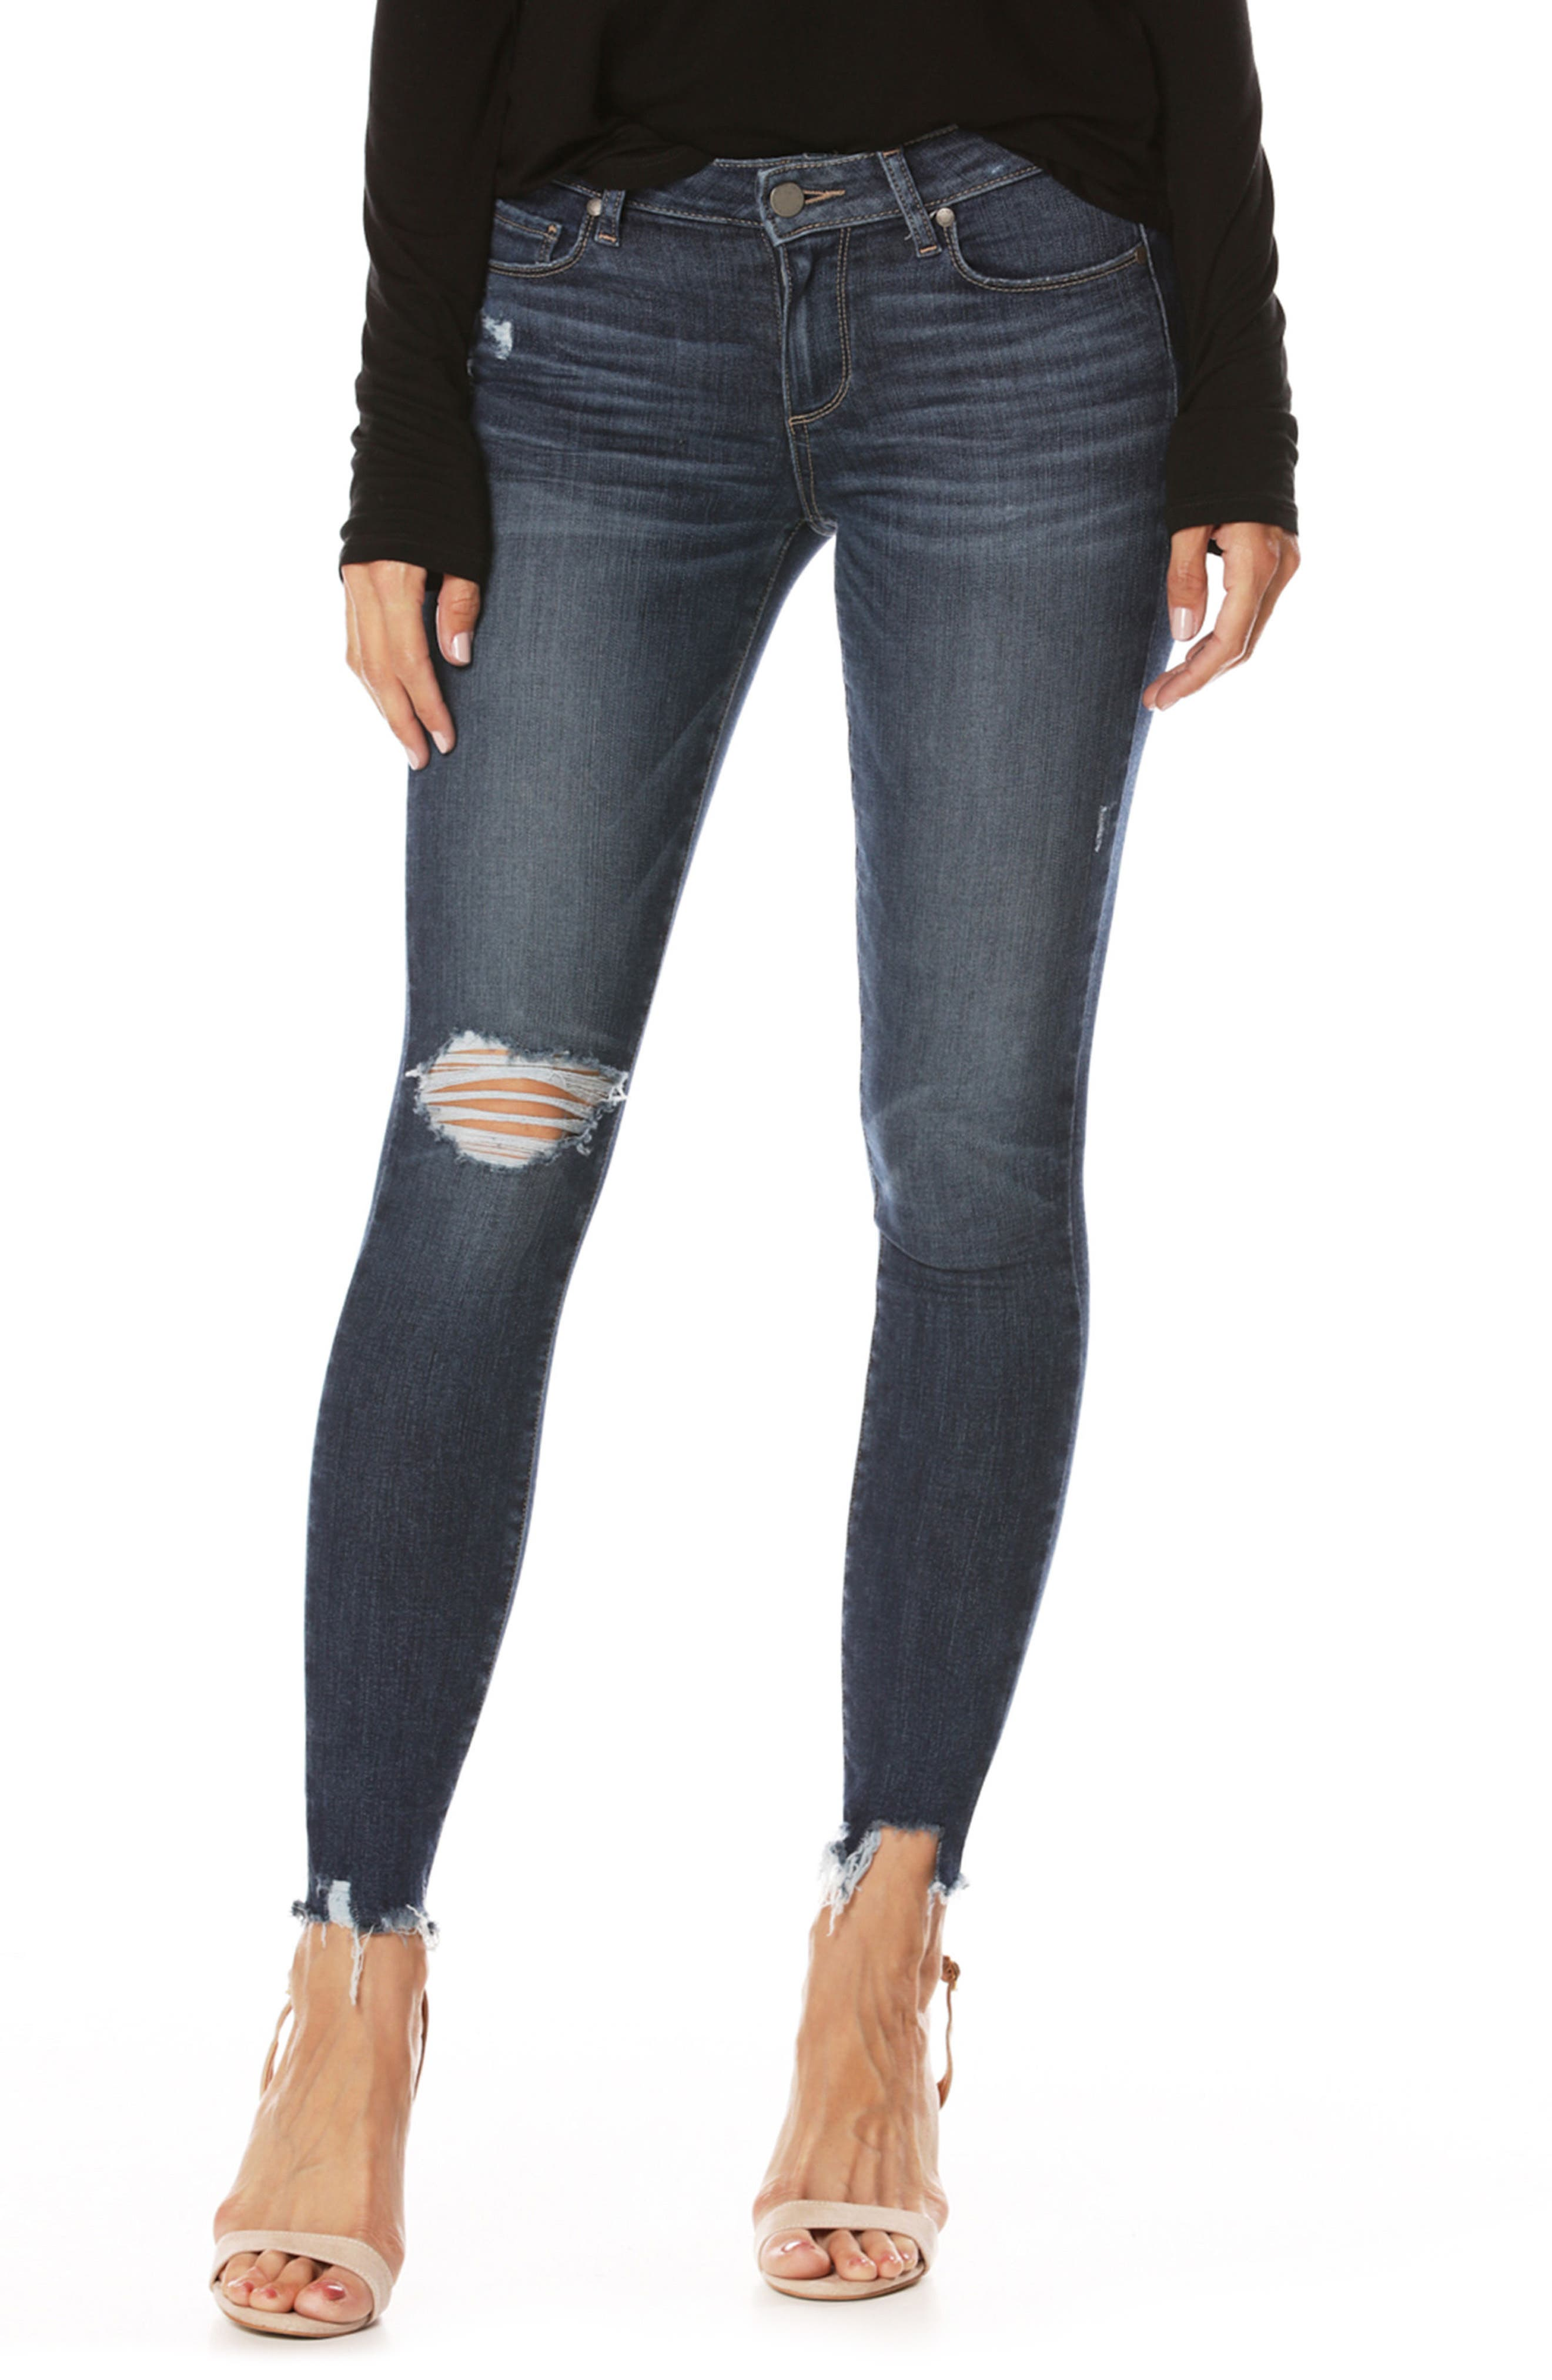 Alternate Image 1 Selected - PAIGE Transcend Vintage - Verdugo Ankle Skinny Jeans (Danton Destructed)